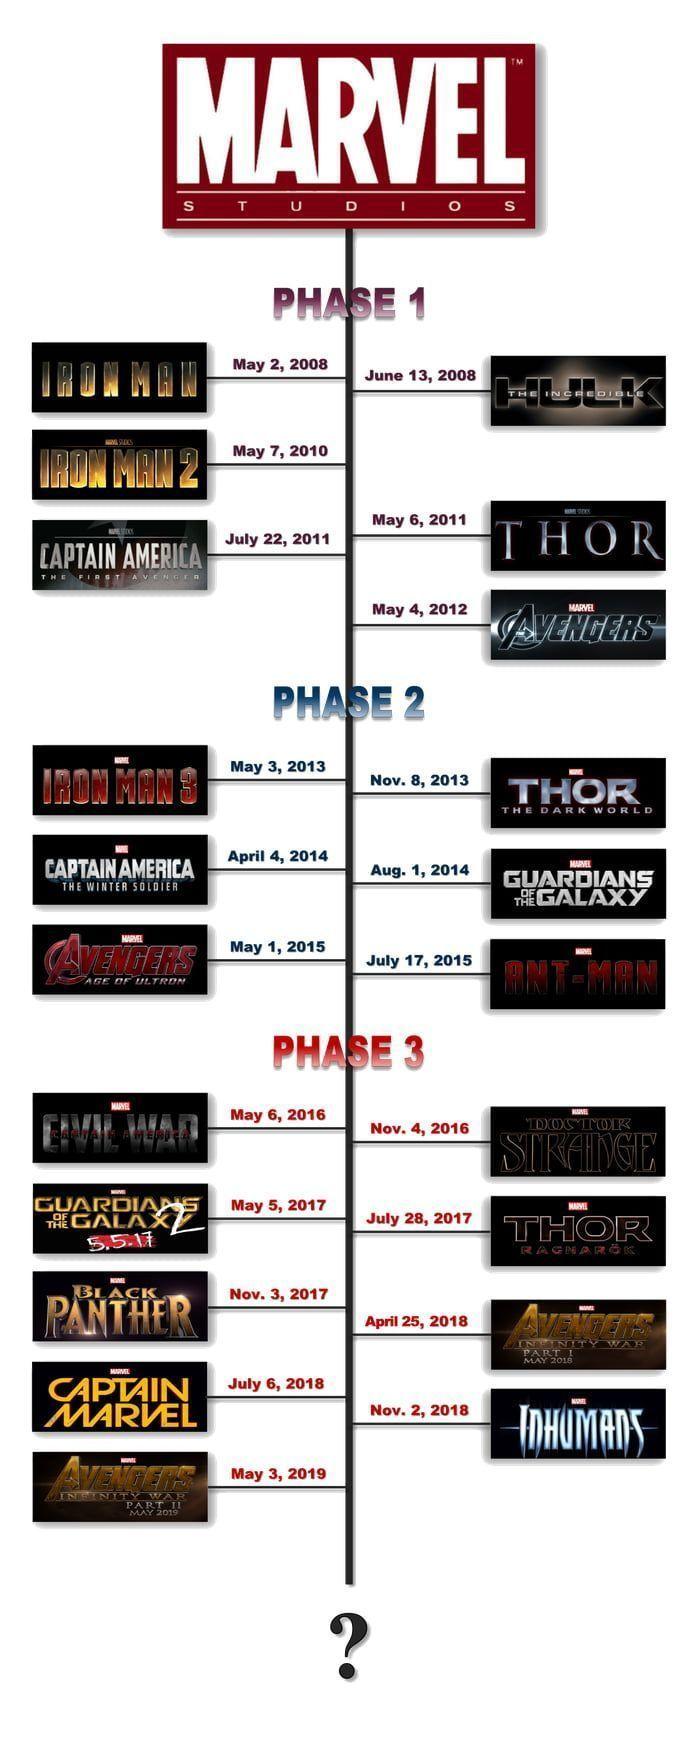 Sehen Sie Sich Marvel Cinematic Universe Filme In Chronologischer Reihenfolge An Chronological In 2020 Marvel Marvel Superhelden Avengers Filme